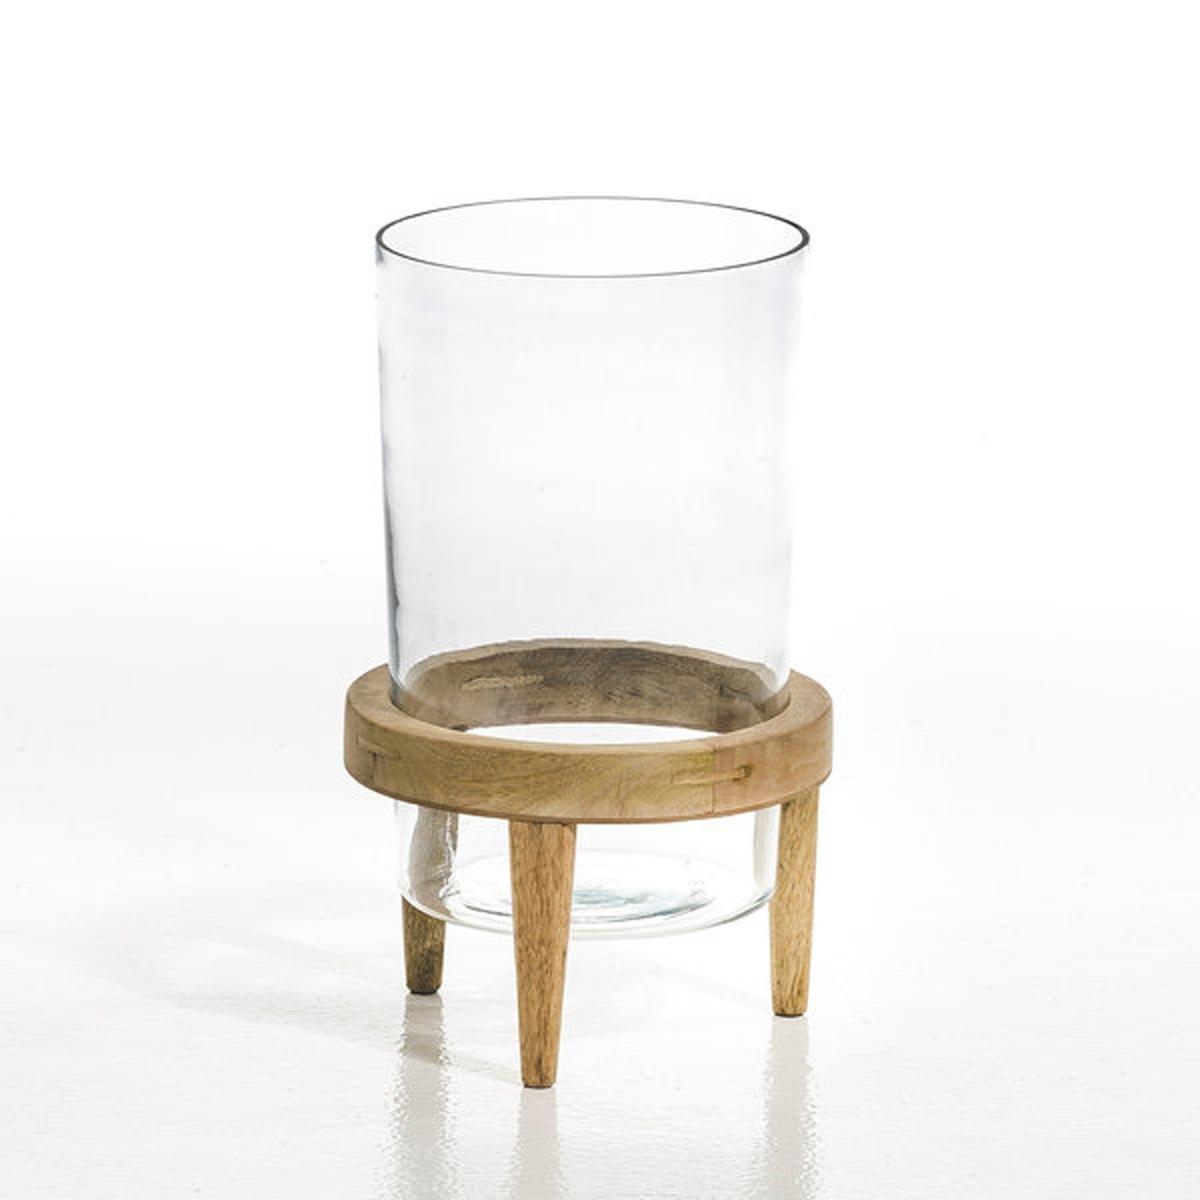 Террариум Bocage из стекла и мангового дерева, диаметр 20 см